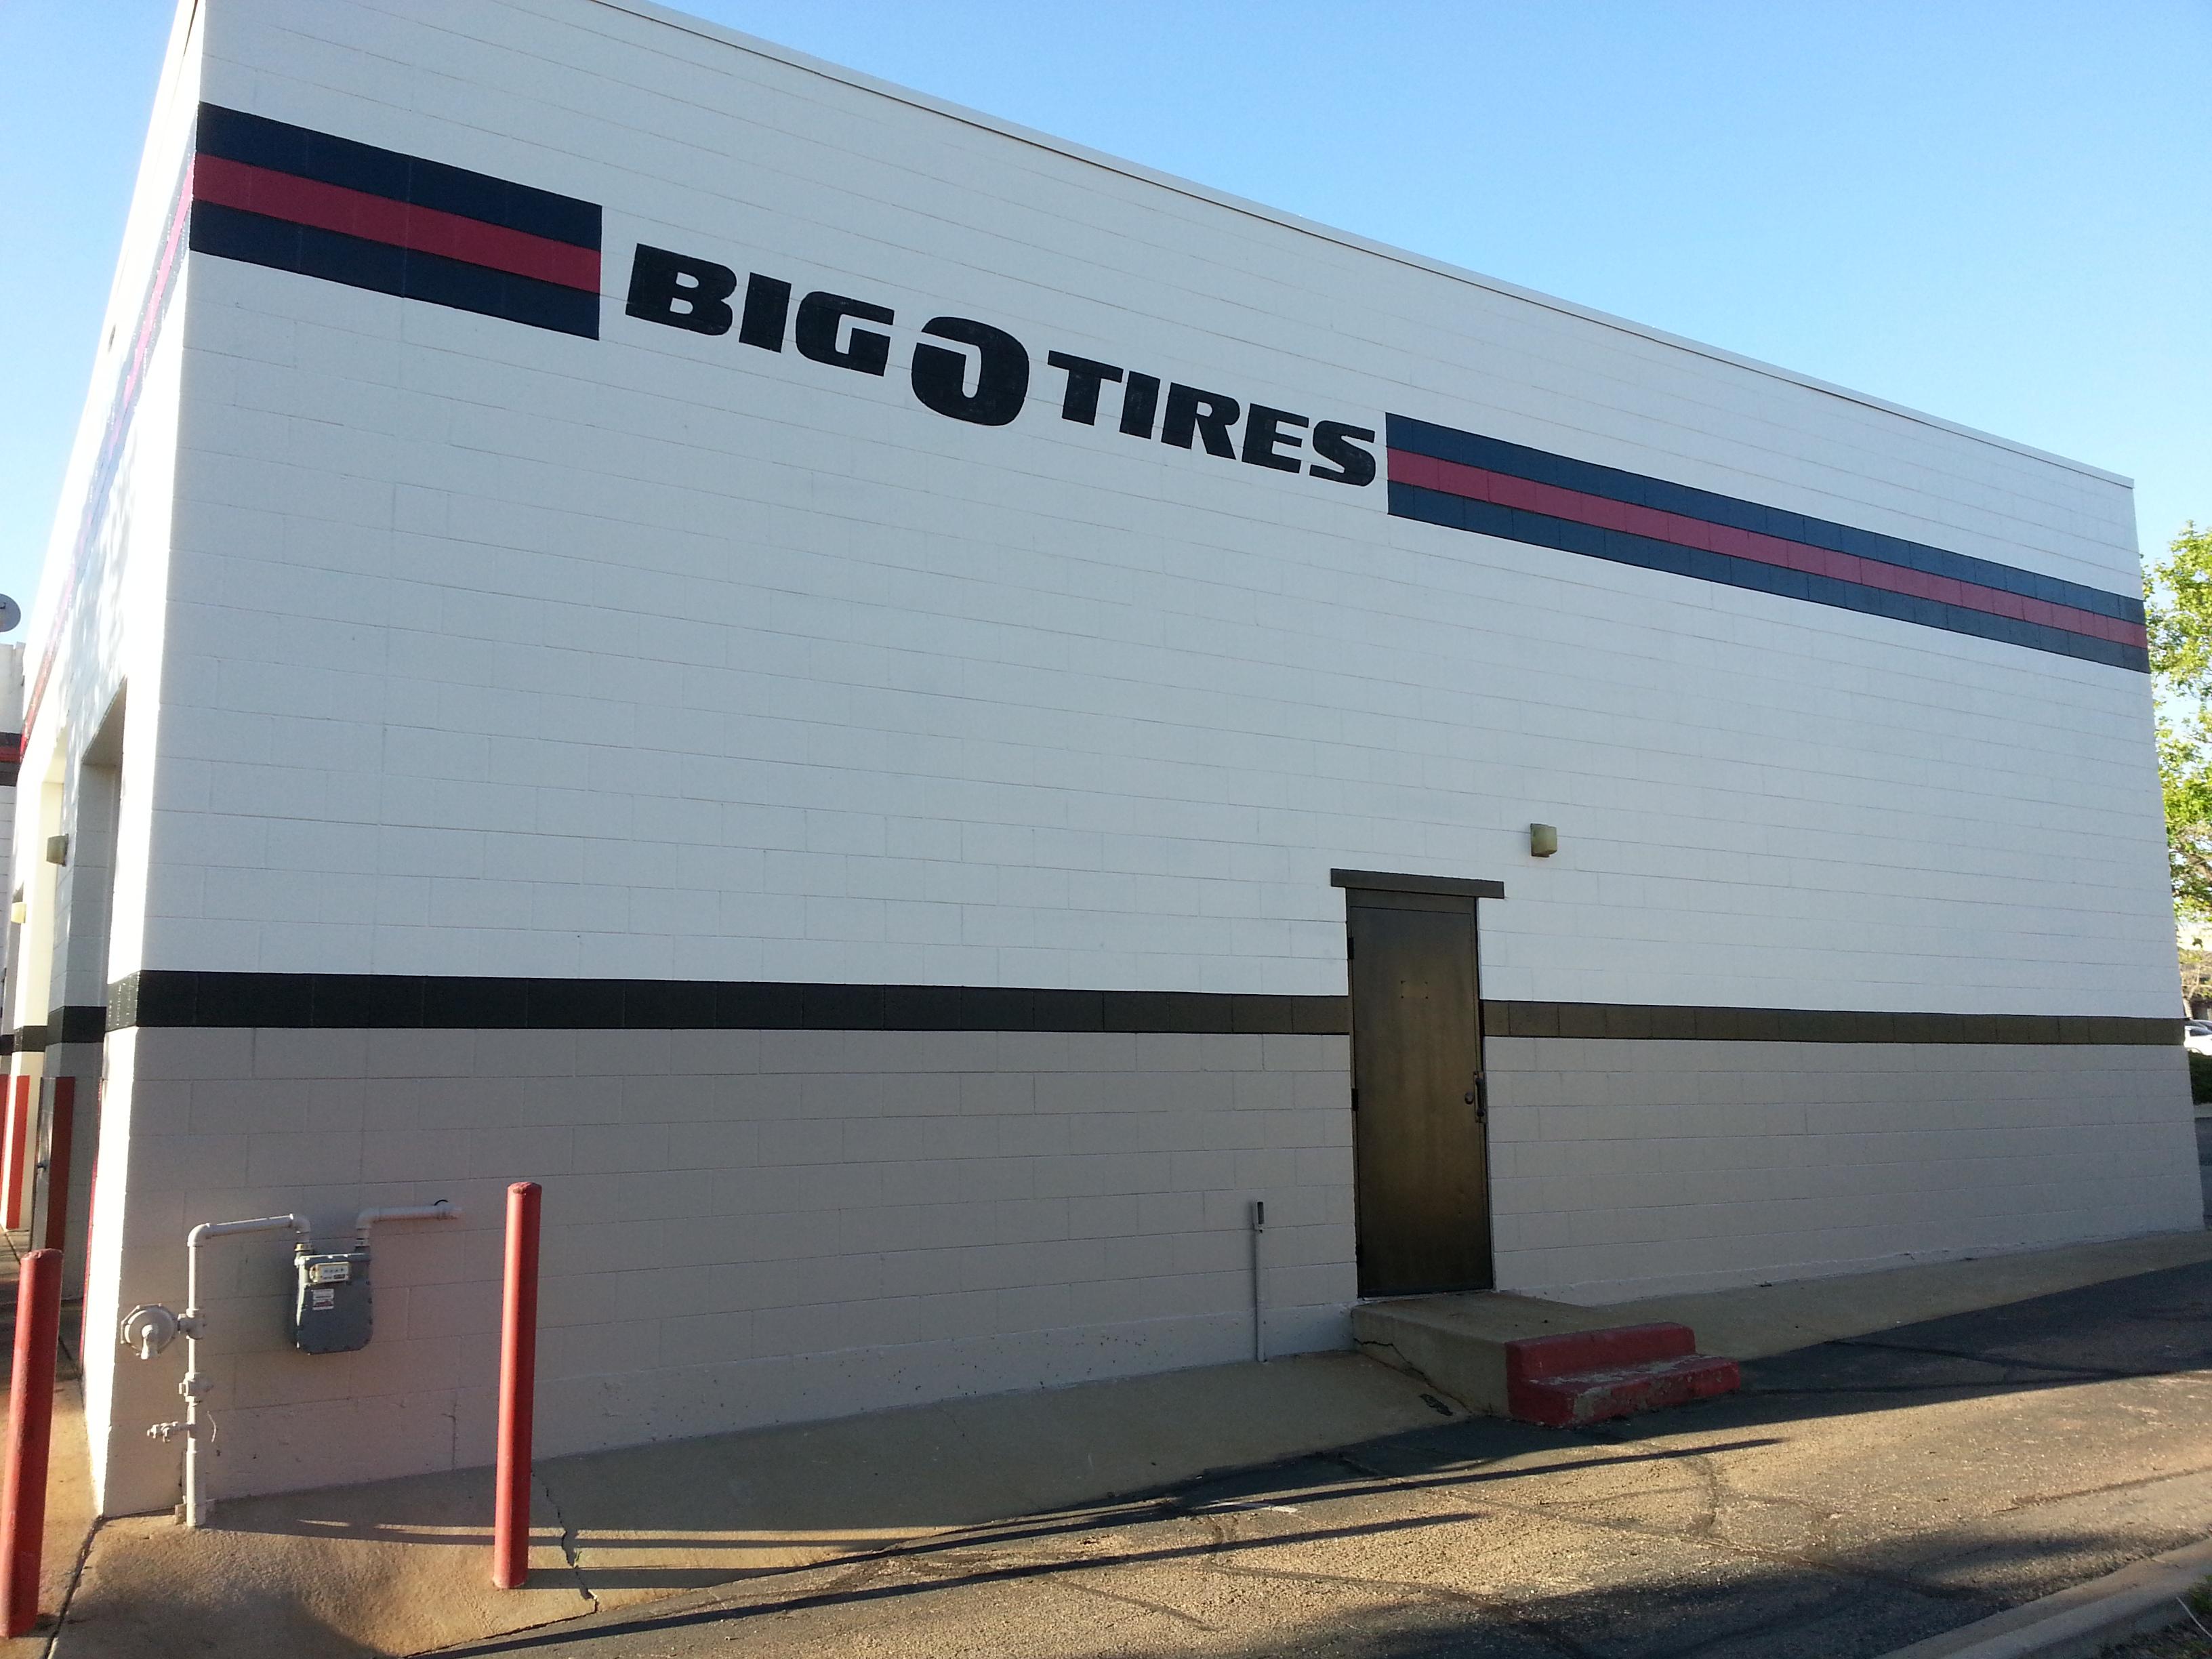 Big O Tires Commercial Repaint